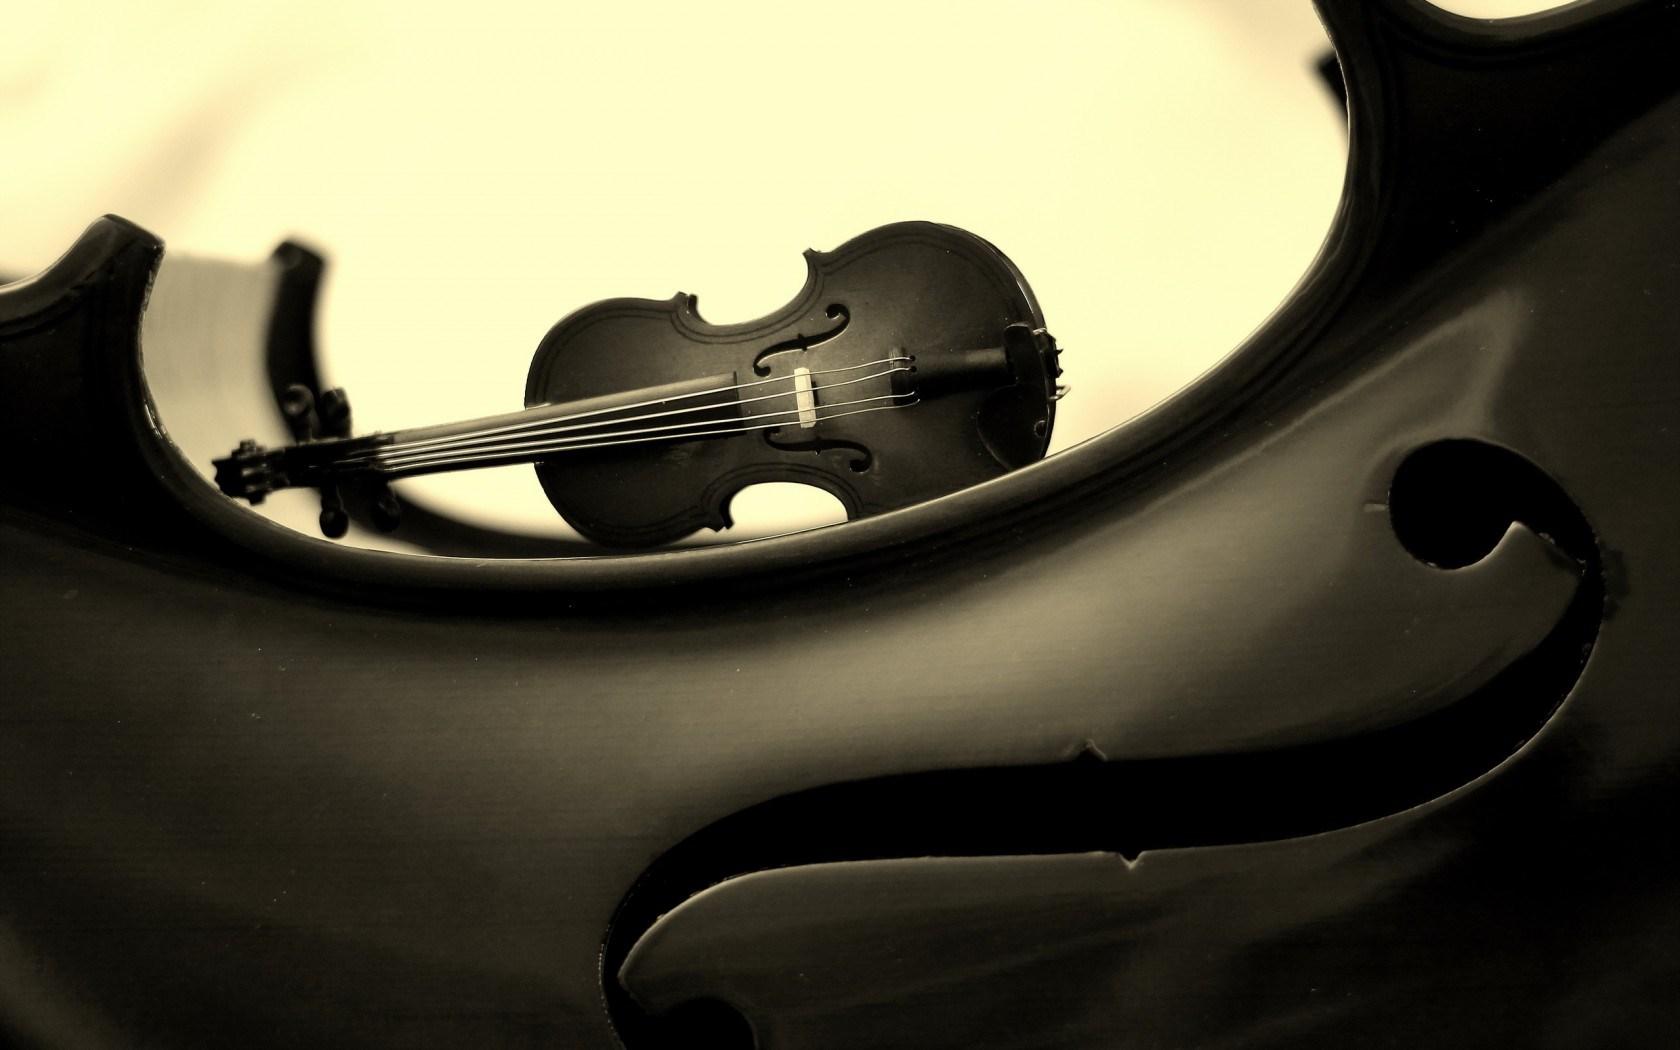 baixo vintage instrumento 4k - photo #17